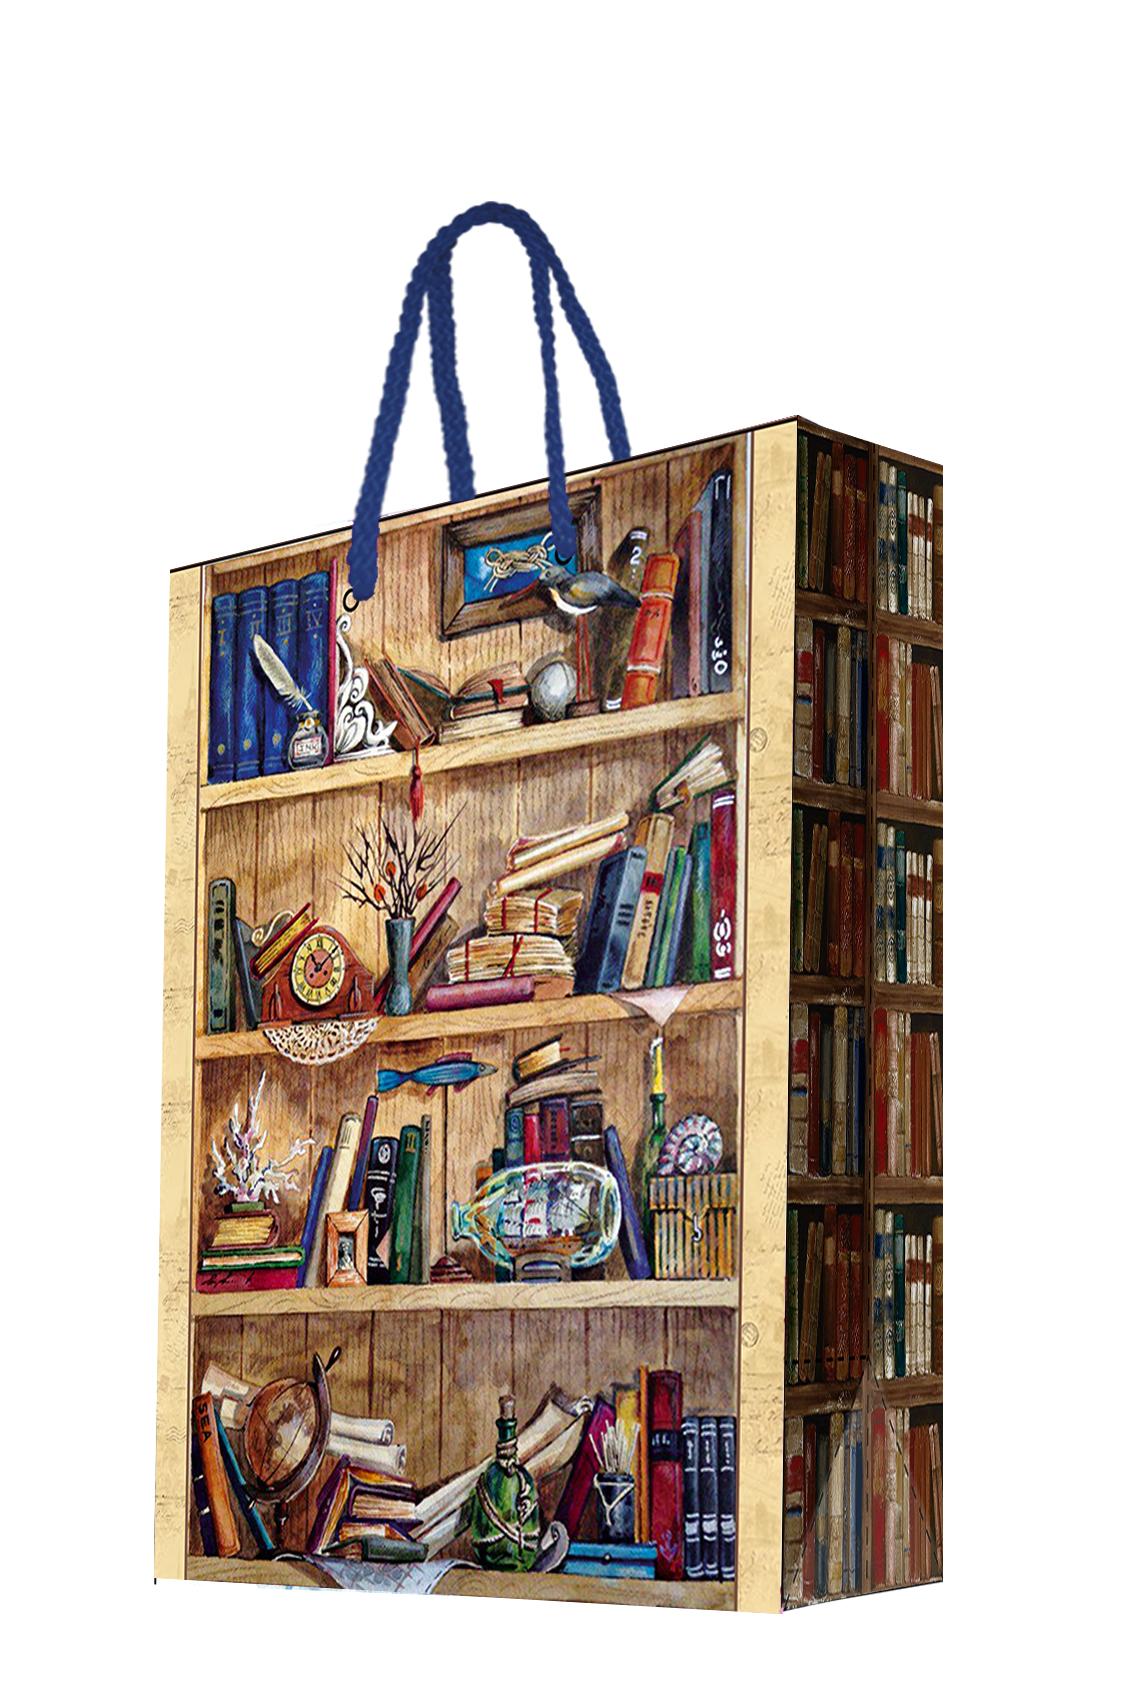 Пакет подарочный Magic Home Книжные полки, 17,8 х 22,9 х 9,8 смNLED-454-9W-BKБумажный подарочный пакет Magic Home Глобус, изготовленный из плотной бумаги, станет незаменимым дополнением к выбранному подарку. Дно изделия укреплено картоном, который позволяет сохранить форму пакета и исключает возможность деформации дна под тяжестью подарка. Пакет выполнен с ламинацией, что придает ему прочность, а изображению - яркость и насыщенность цветов. Для удобной переноски имеются две ручки в виде шнурков. Подарок, преподнесенный в оригинальной упаковке, всегда будет самым эффектным и запоминающимся. Окружите близких людей вниманием и заботой, вручив презент в нарядном, праздничном оформлении.Плотность бумаги: 140 г/м2.